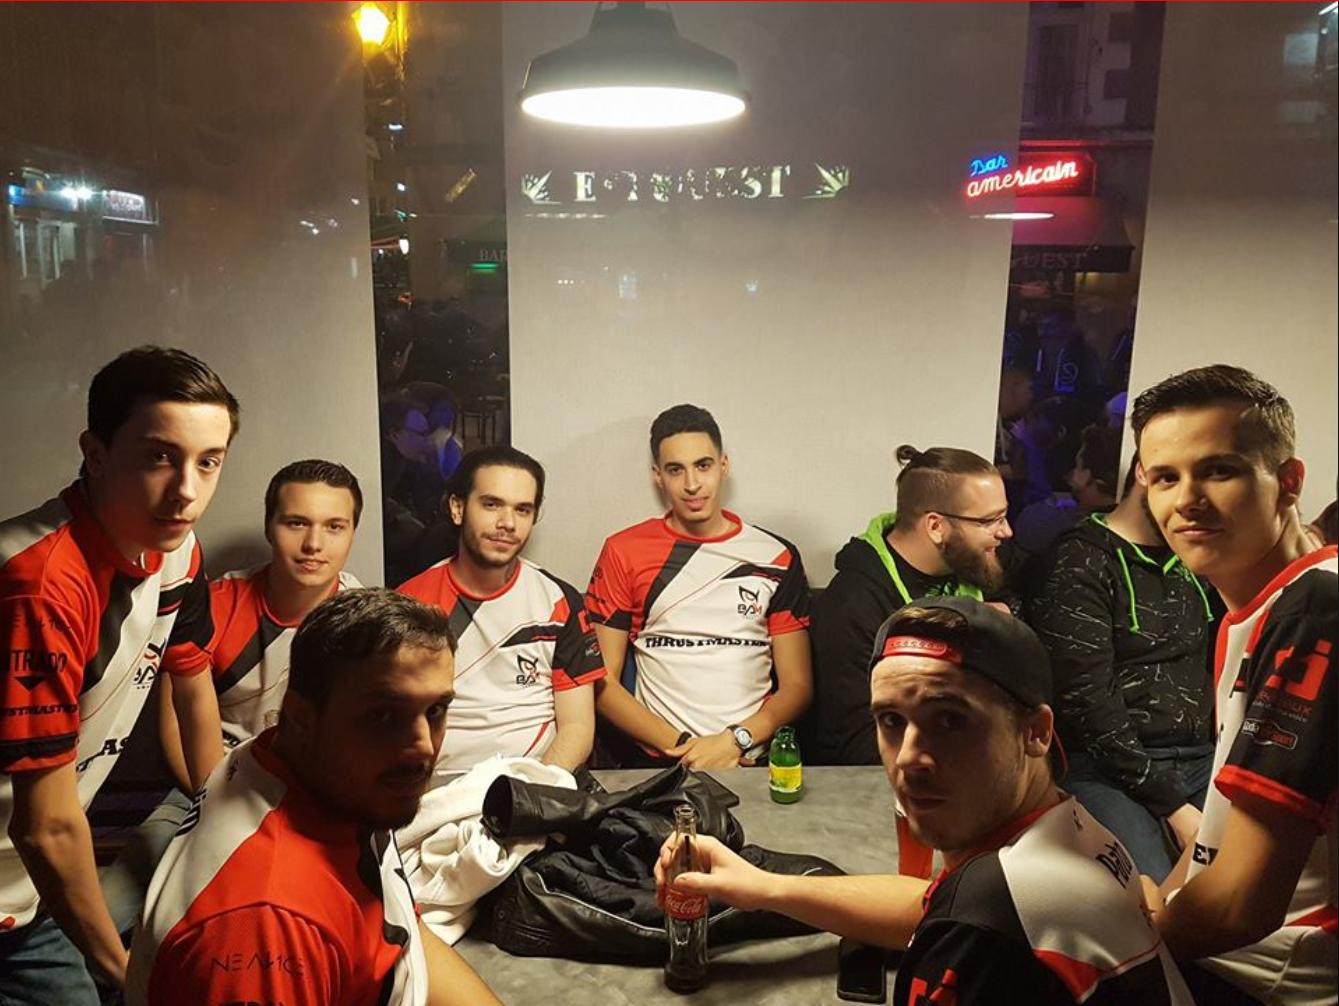 Quelques photos des joueurs et staff de la team BAm e-Sport (merci aux différentes personnes qui ont partagé les photos, j'en ai récupéré quelques unes sur le site officiel et les deux dernières étaient prise par moi-même à la dernière Paris Games Week)